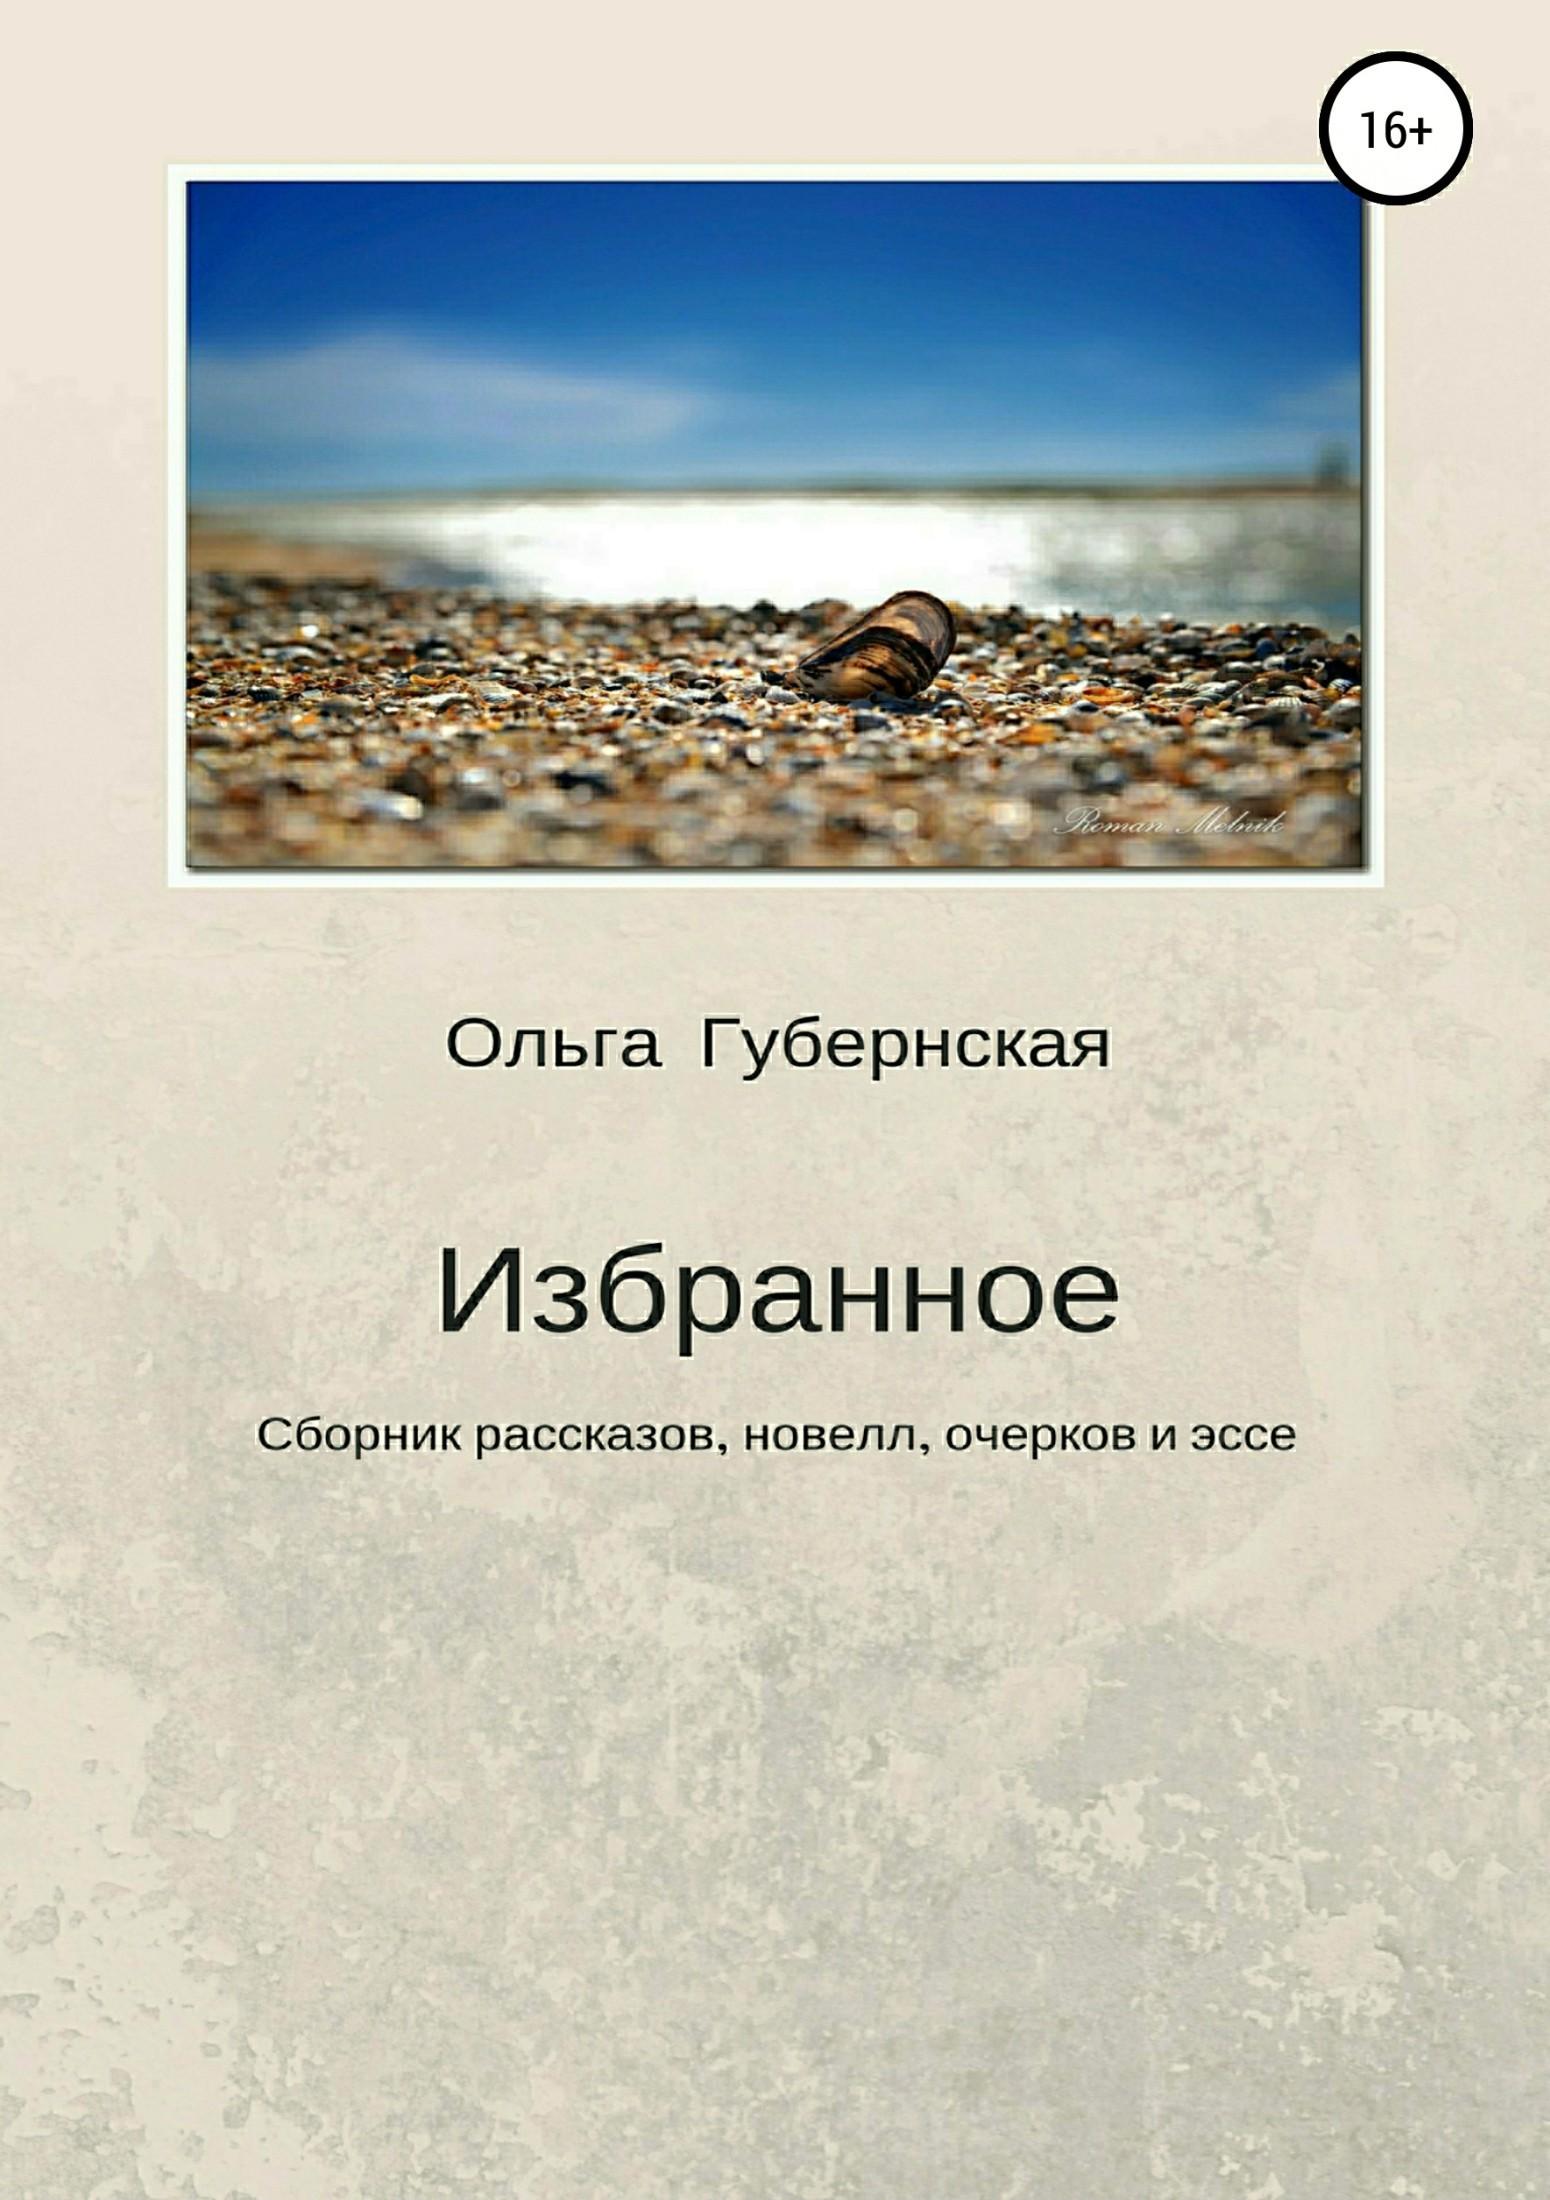 Избранное: сборник рассказов, новелл, очерков и эссе